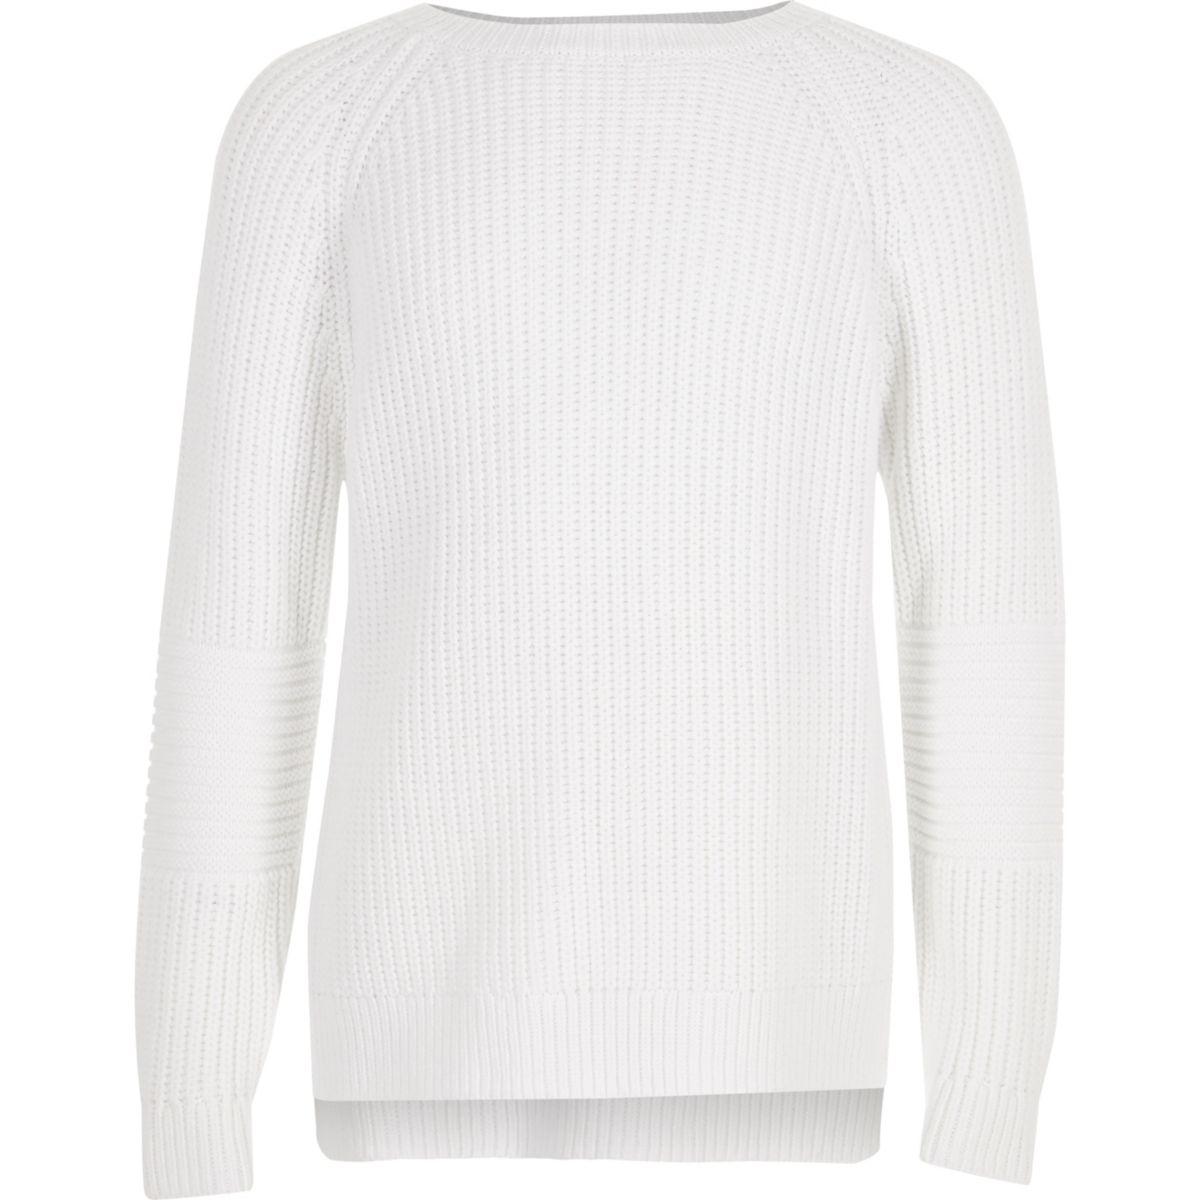 Girls white cross open back knit sweater